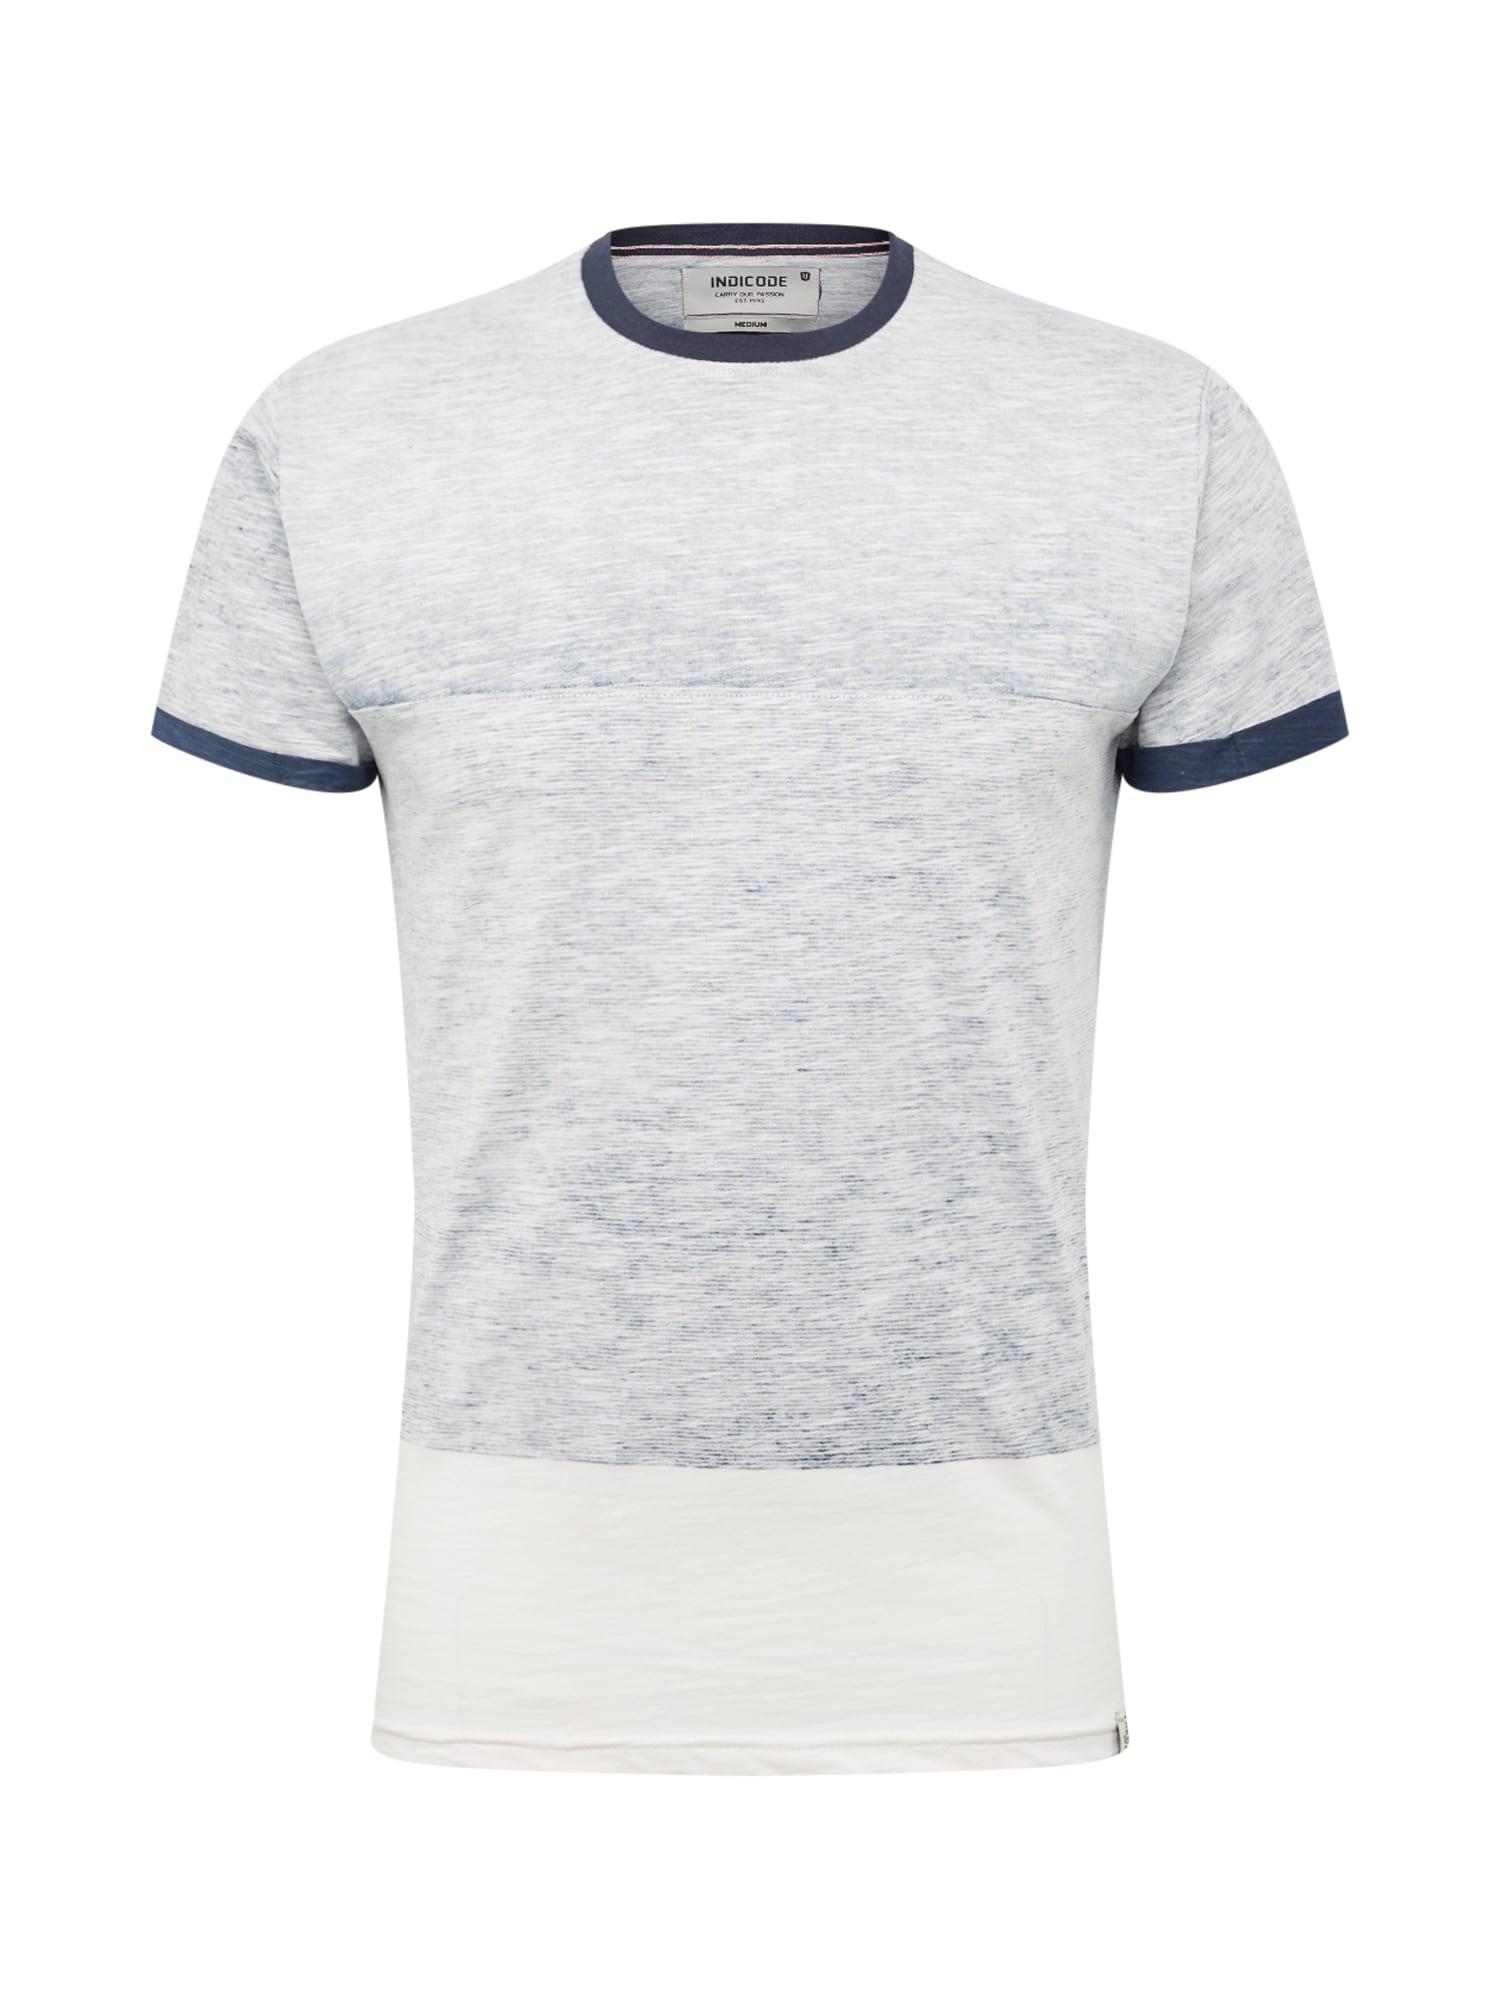 Tričko Crombie krémová námořnická modř INDICODE JEANS